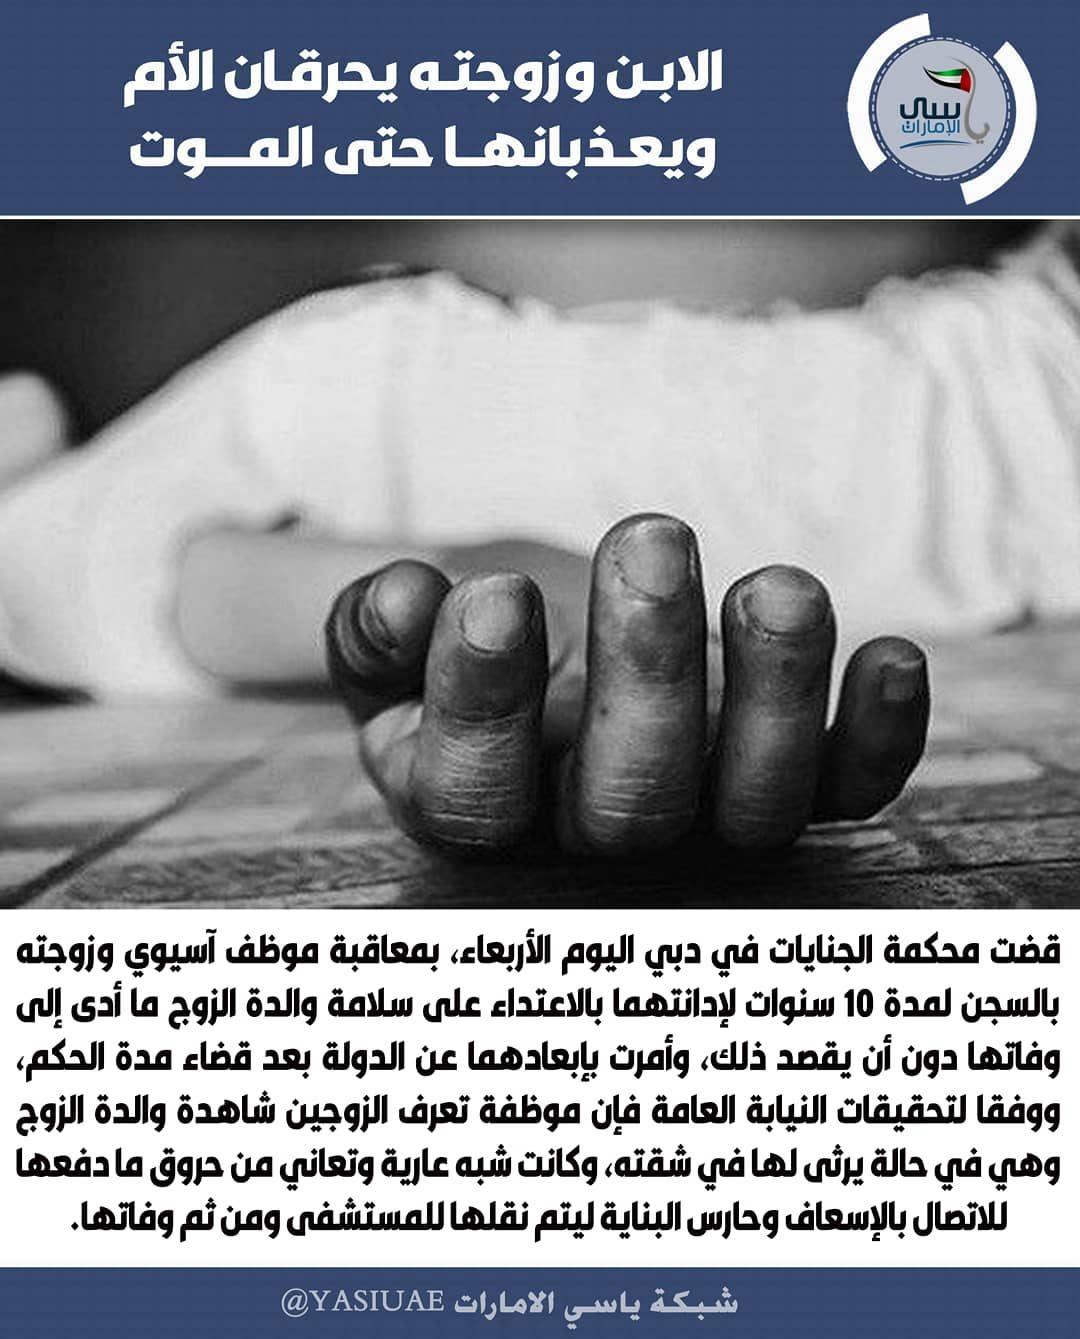 شبكة ياسي الامارات قضت محكمة الجنايات في دبي اليوم الأربعاء بمعاقبة موظف آسيوي وزوجته بالسجن لمدة 10 سنوات لإدانتهما بالاعتداء ع Holding Hands Sql 10 Things